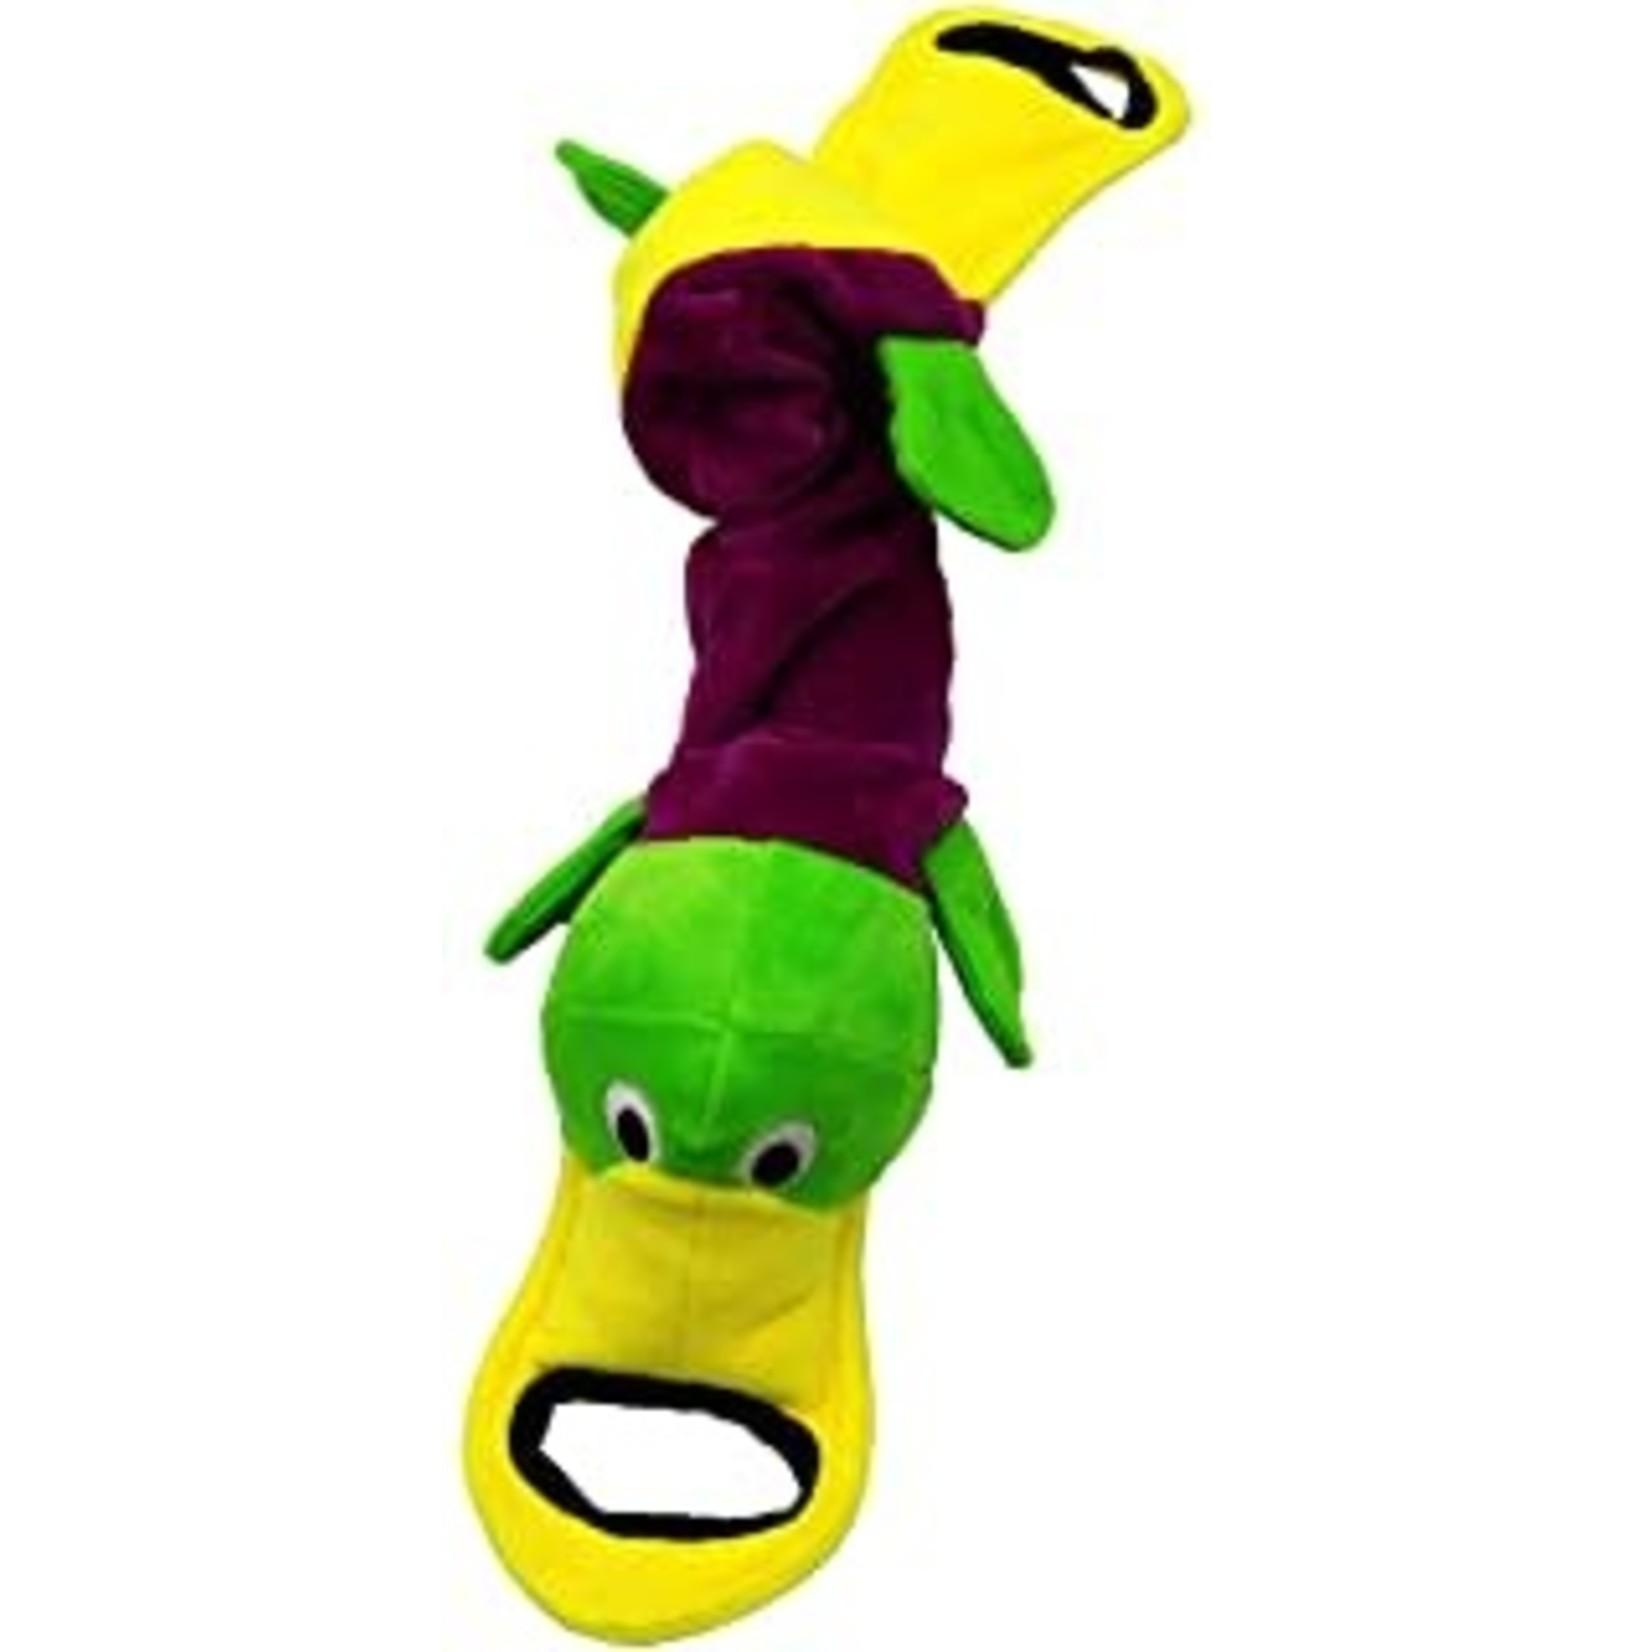 Tender tuffs Platypus Tug toy